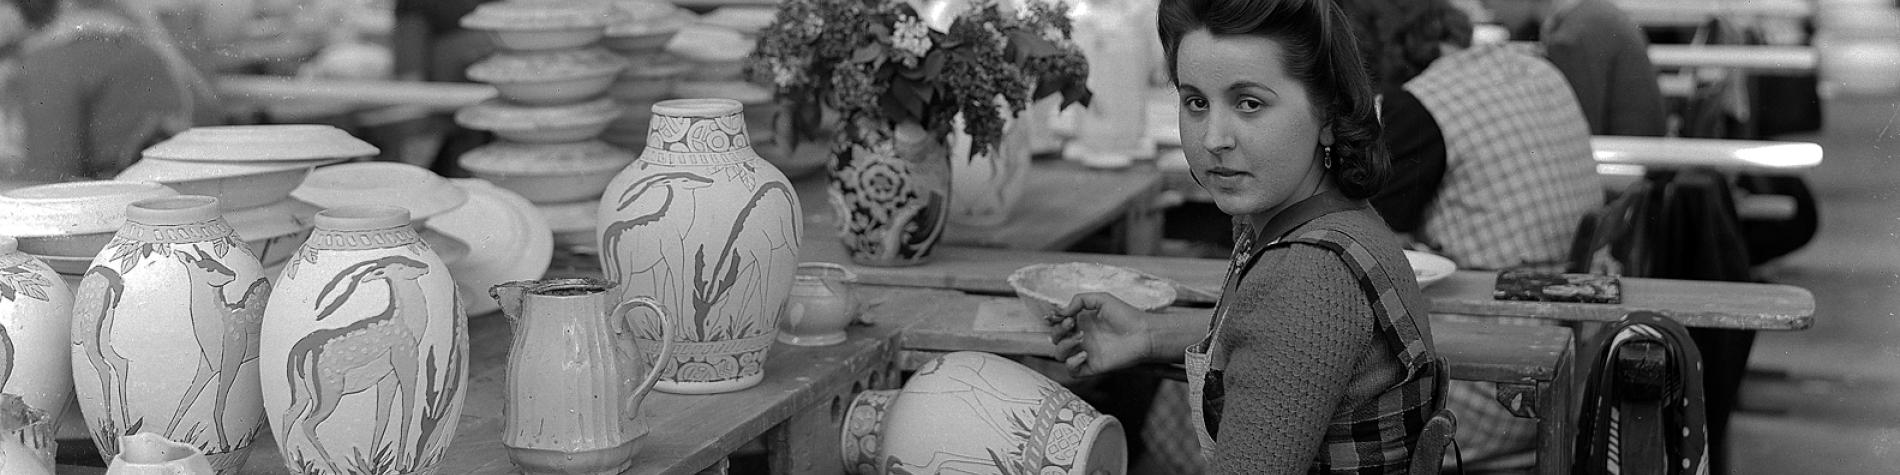 Raconte-moi Boch - Suzanne Bilot dans l'atelier de décoration de Charles Catteau